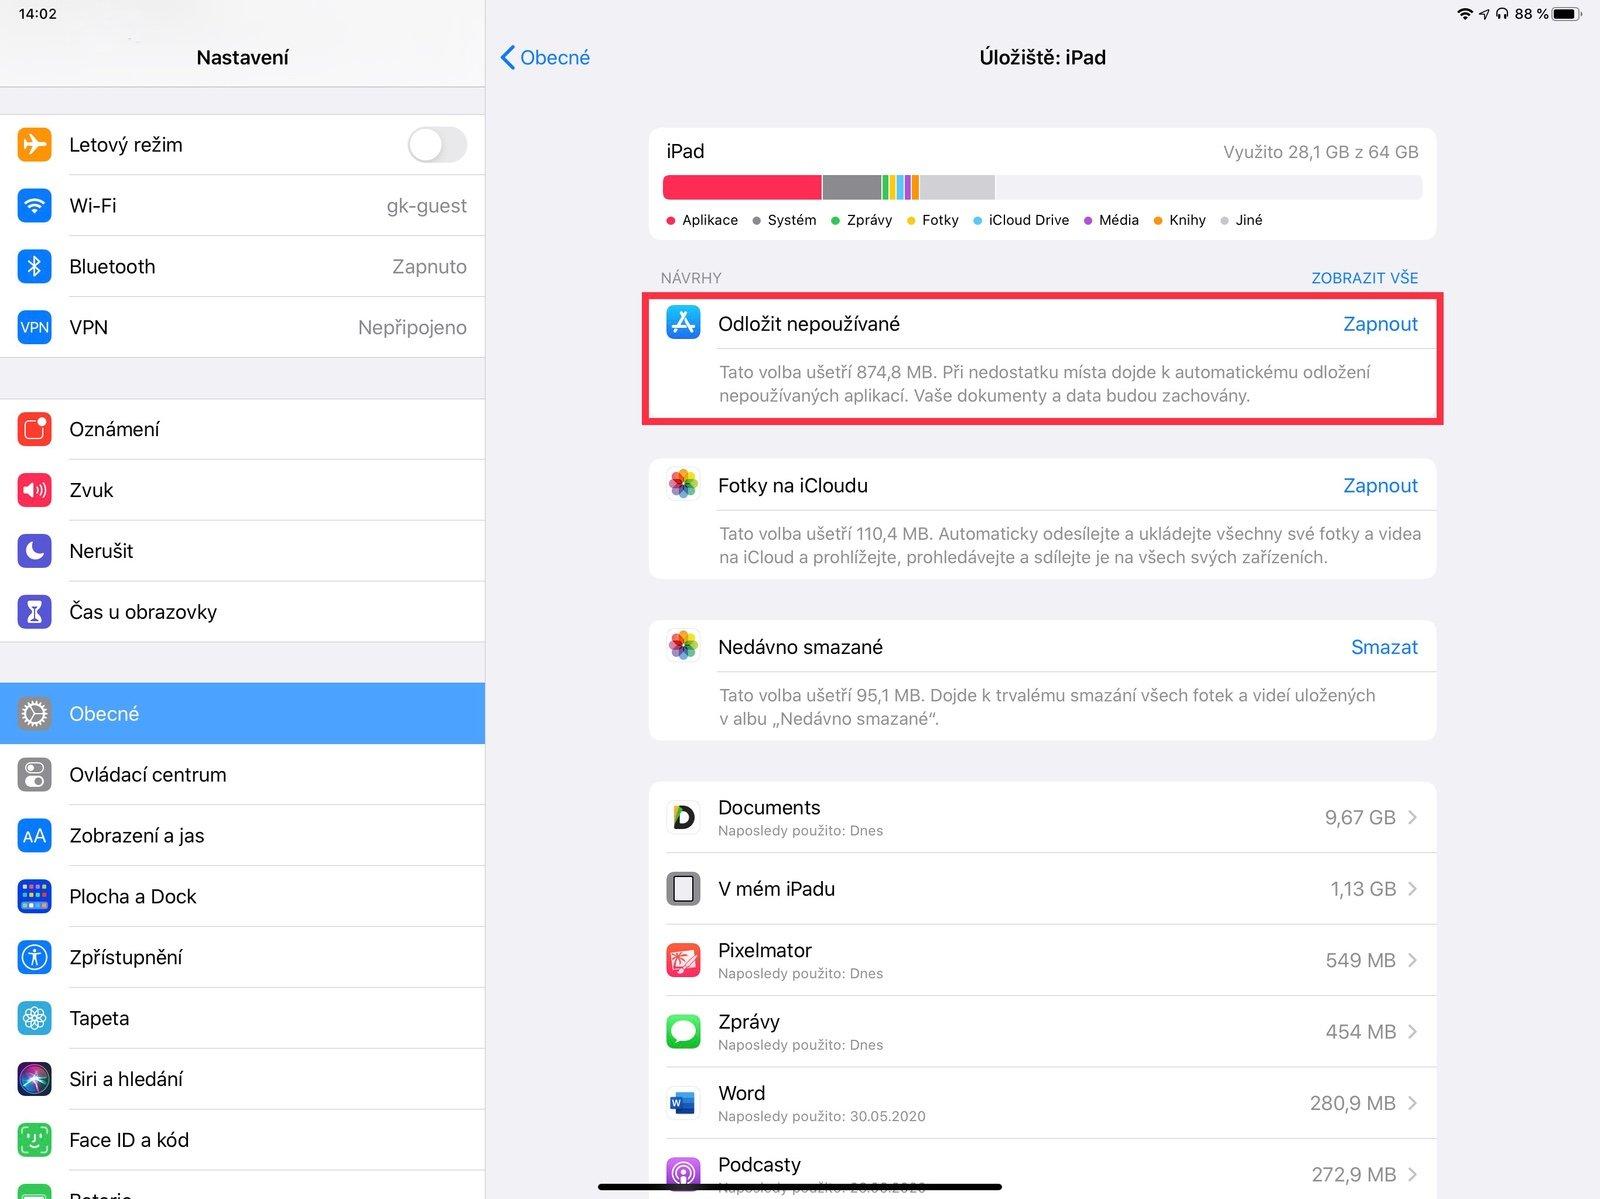 Odstranění nepoužívaných aplikací na iPadu